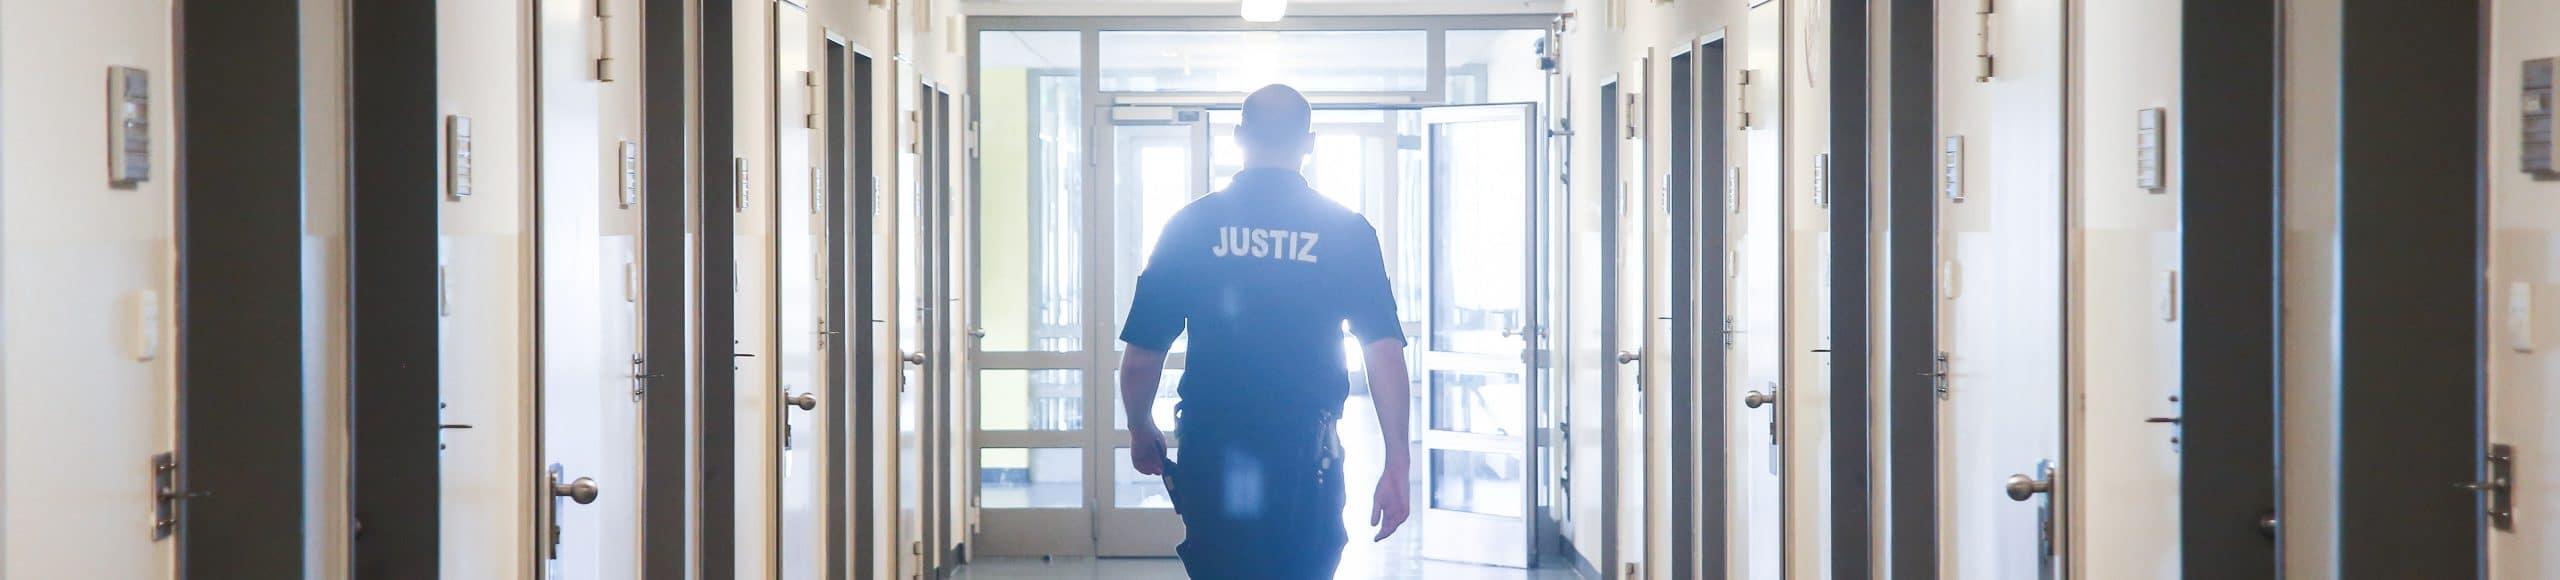 JVA Justiz Recht